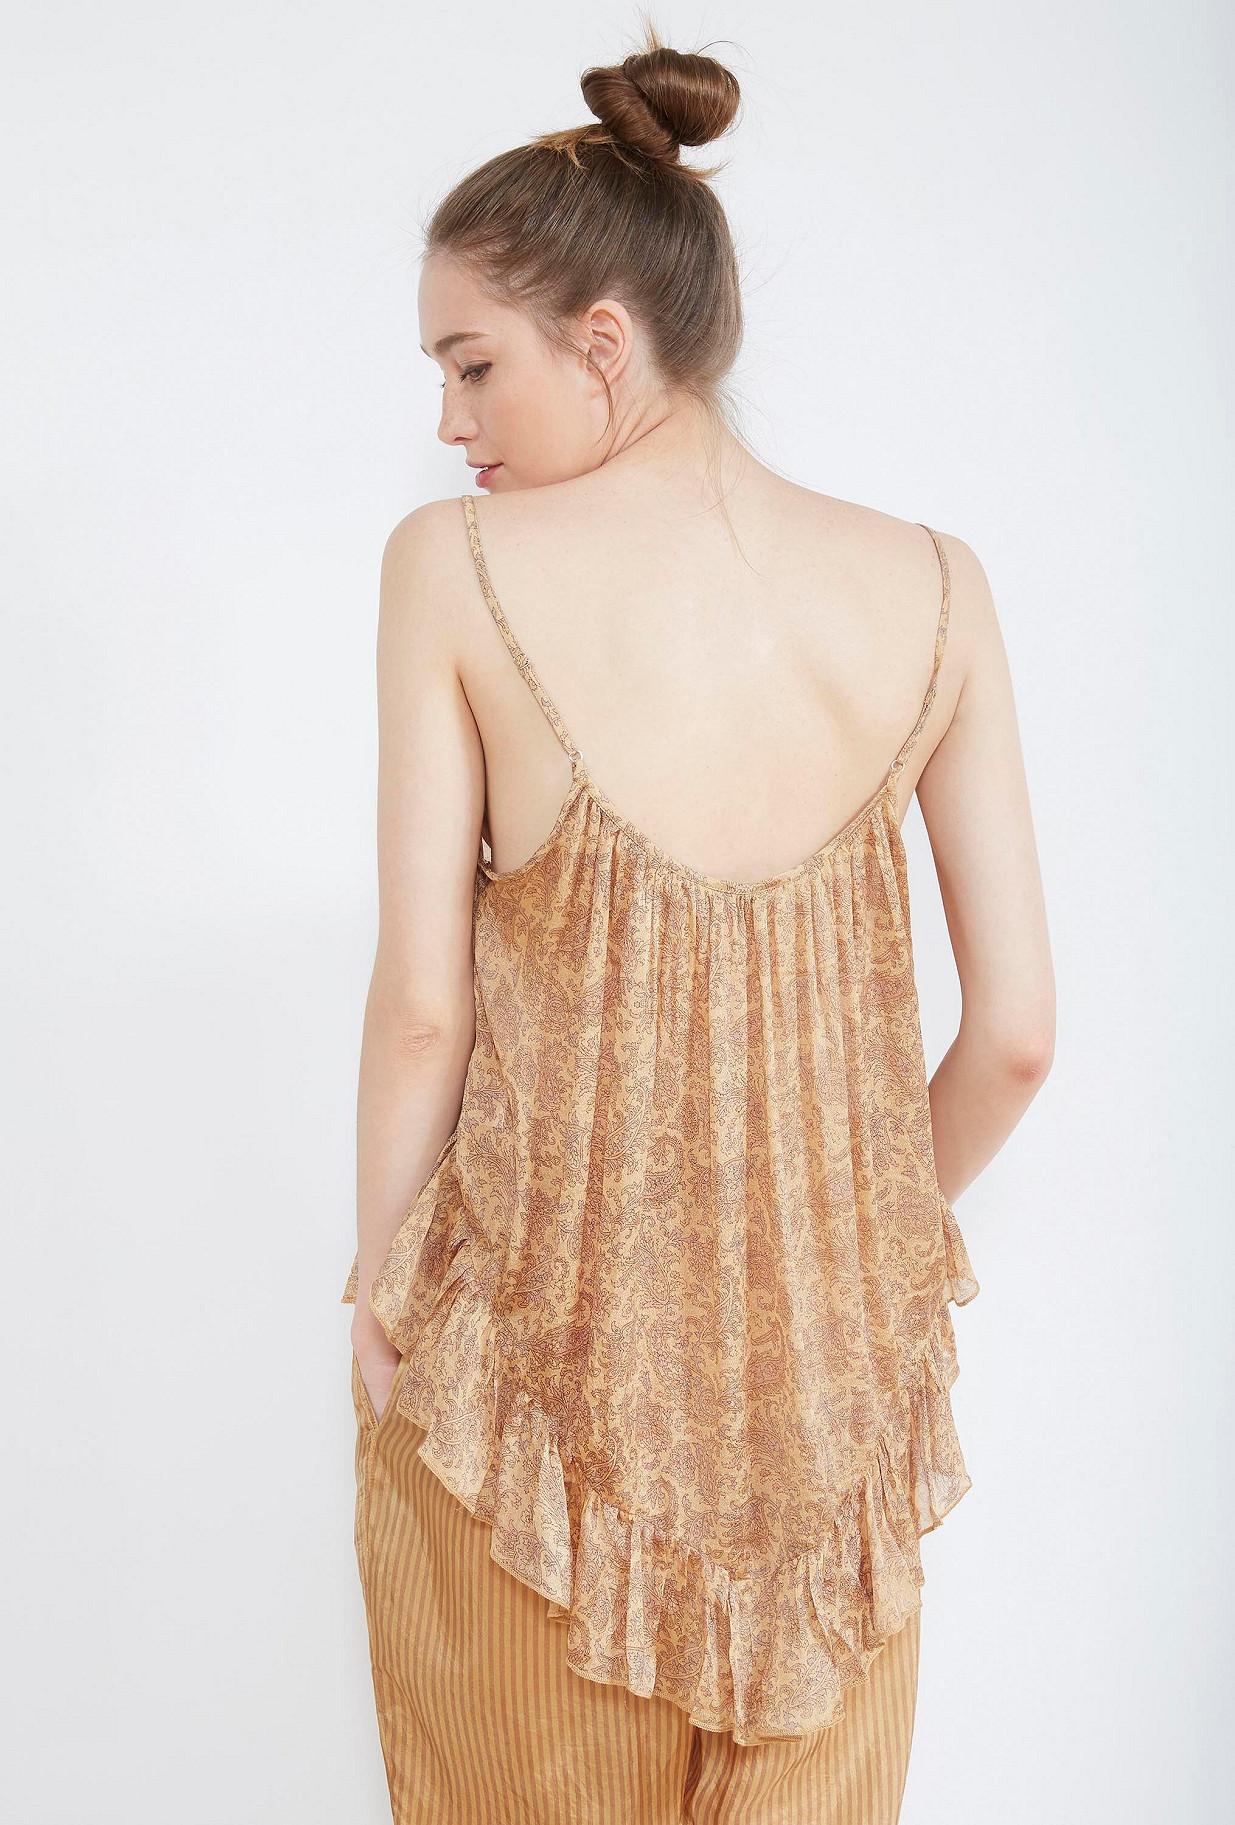 Nude  TOP  Soliste Mes demoiselles fashion clothes designer Paris